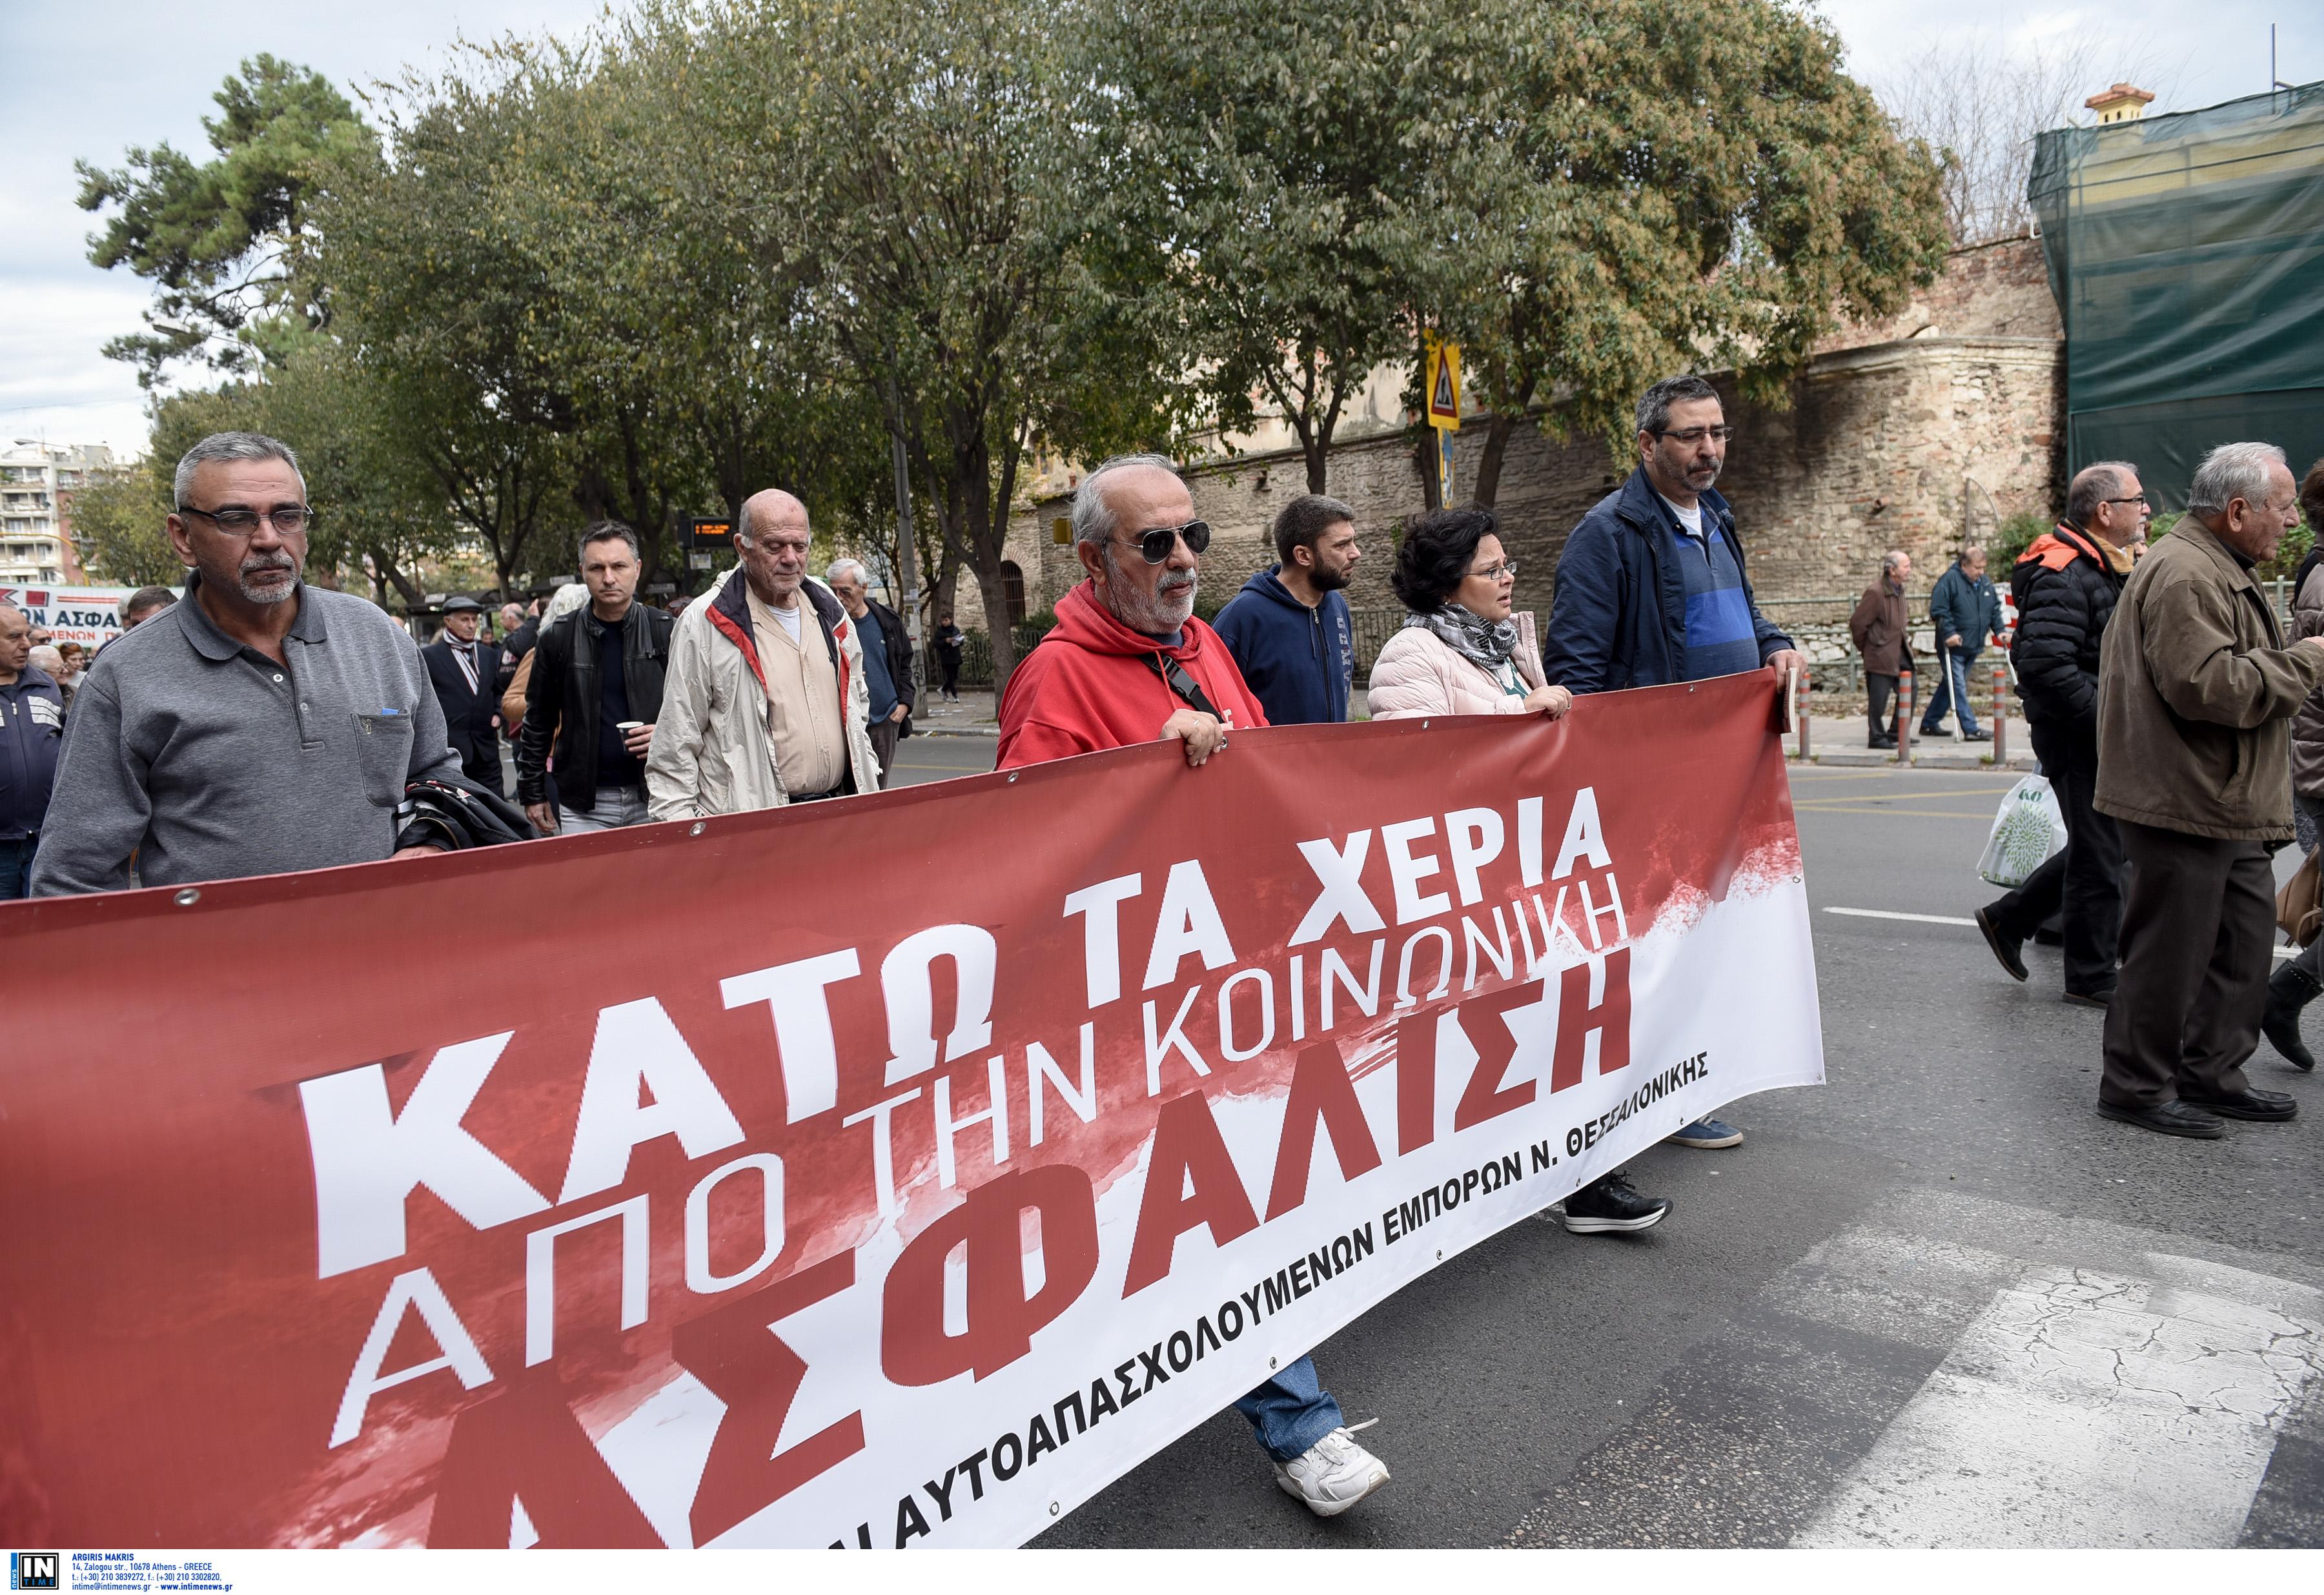 Θεσσαλονίκη: Η πορεία του ΠΑΜΕ για το ασφαλιστικό και ο σκύλος που μαγνήτισε τα βλέμματα [video]